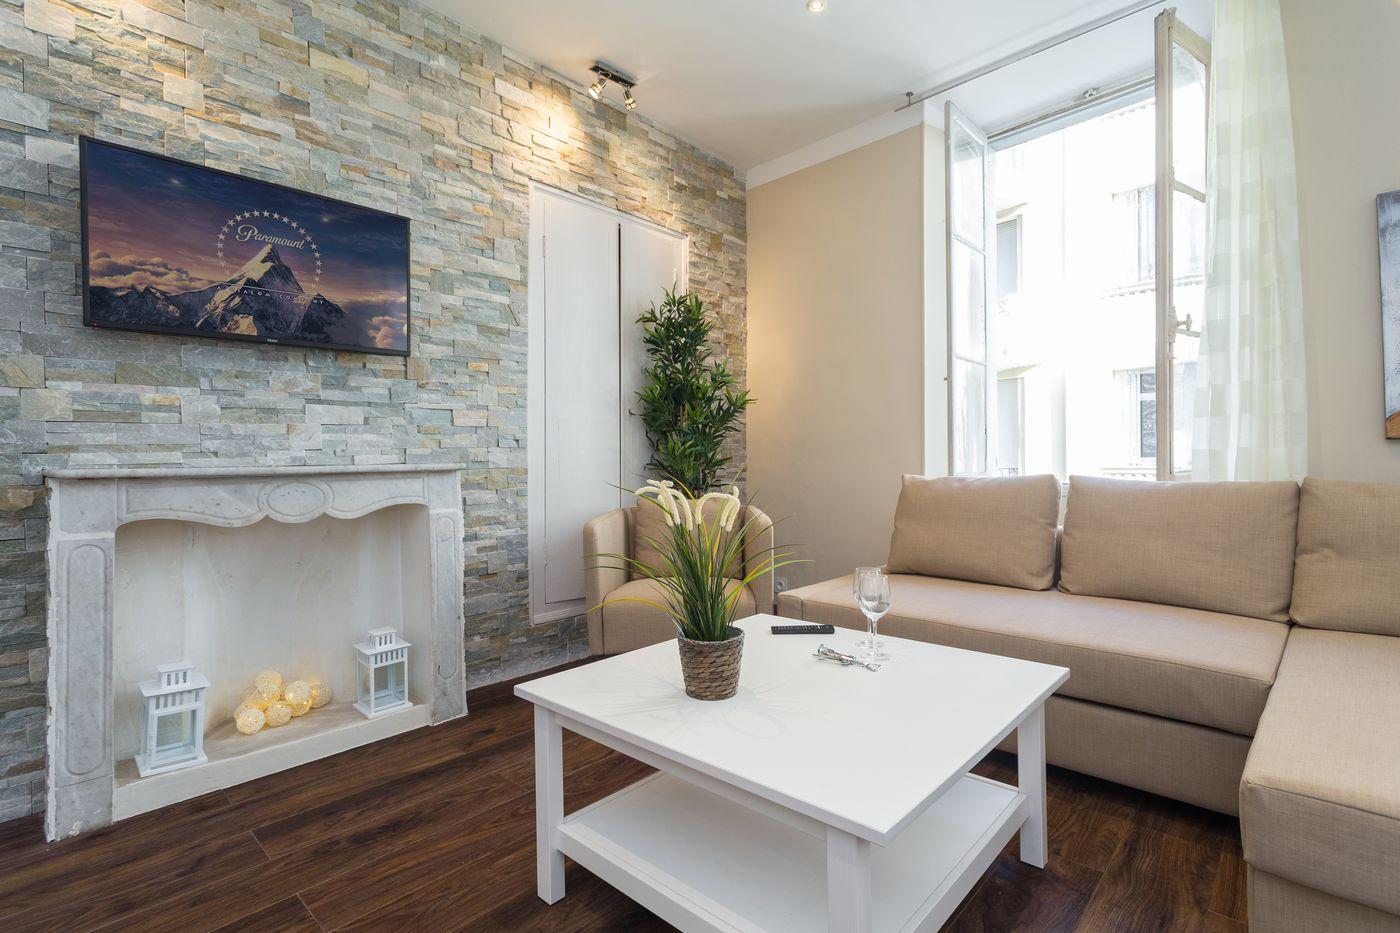 Combien de temps faut-il pour trouver un appartement en location à Nice?